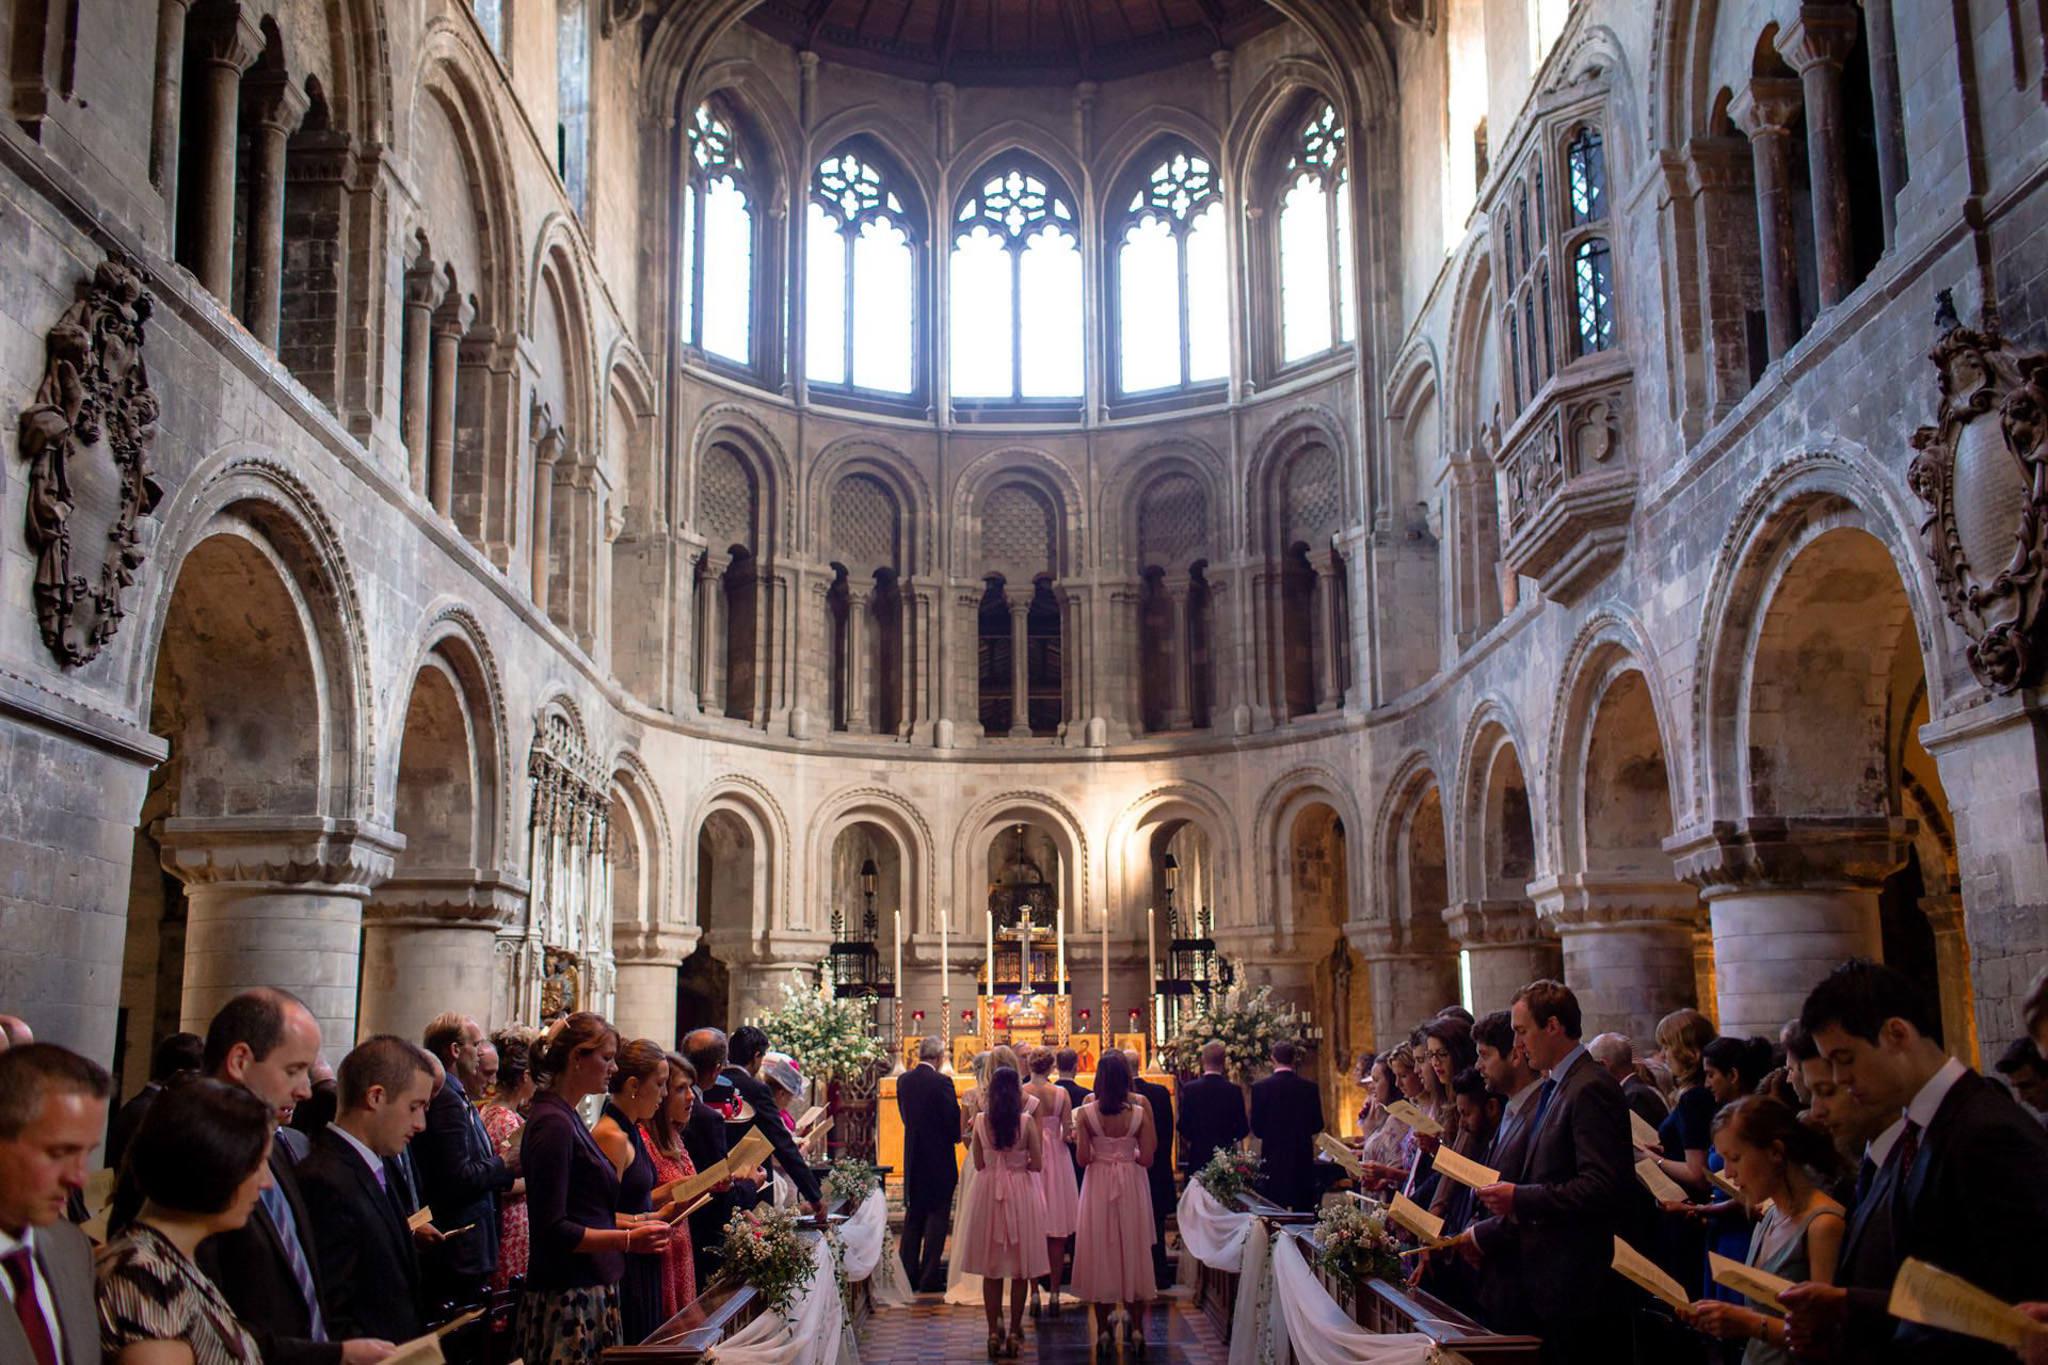 St. Pancras Renaissance hotel wedding view of the church inside